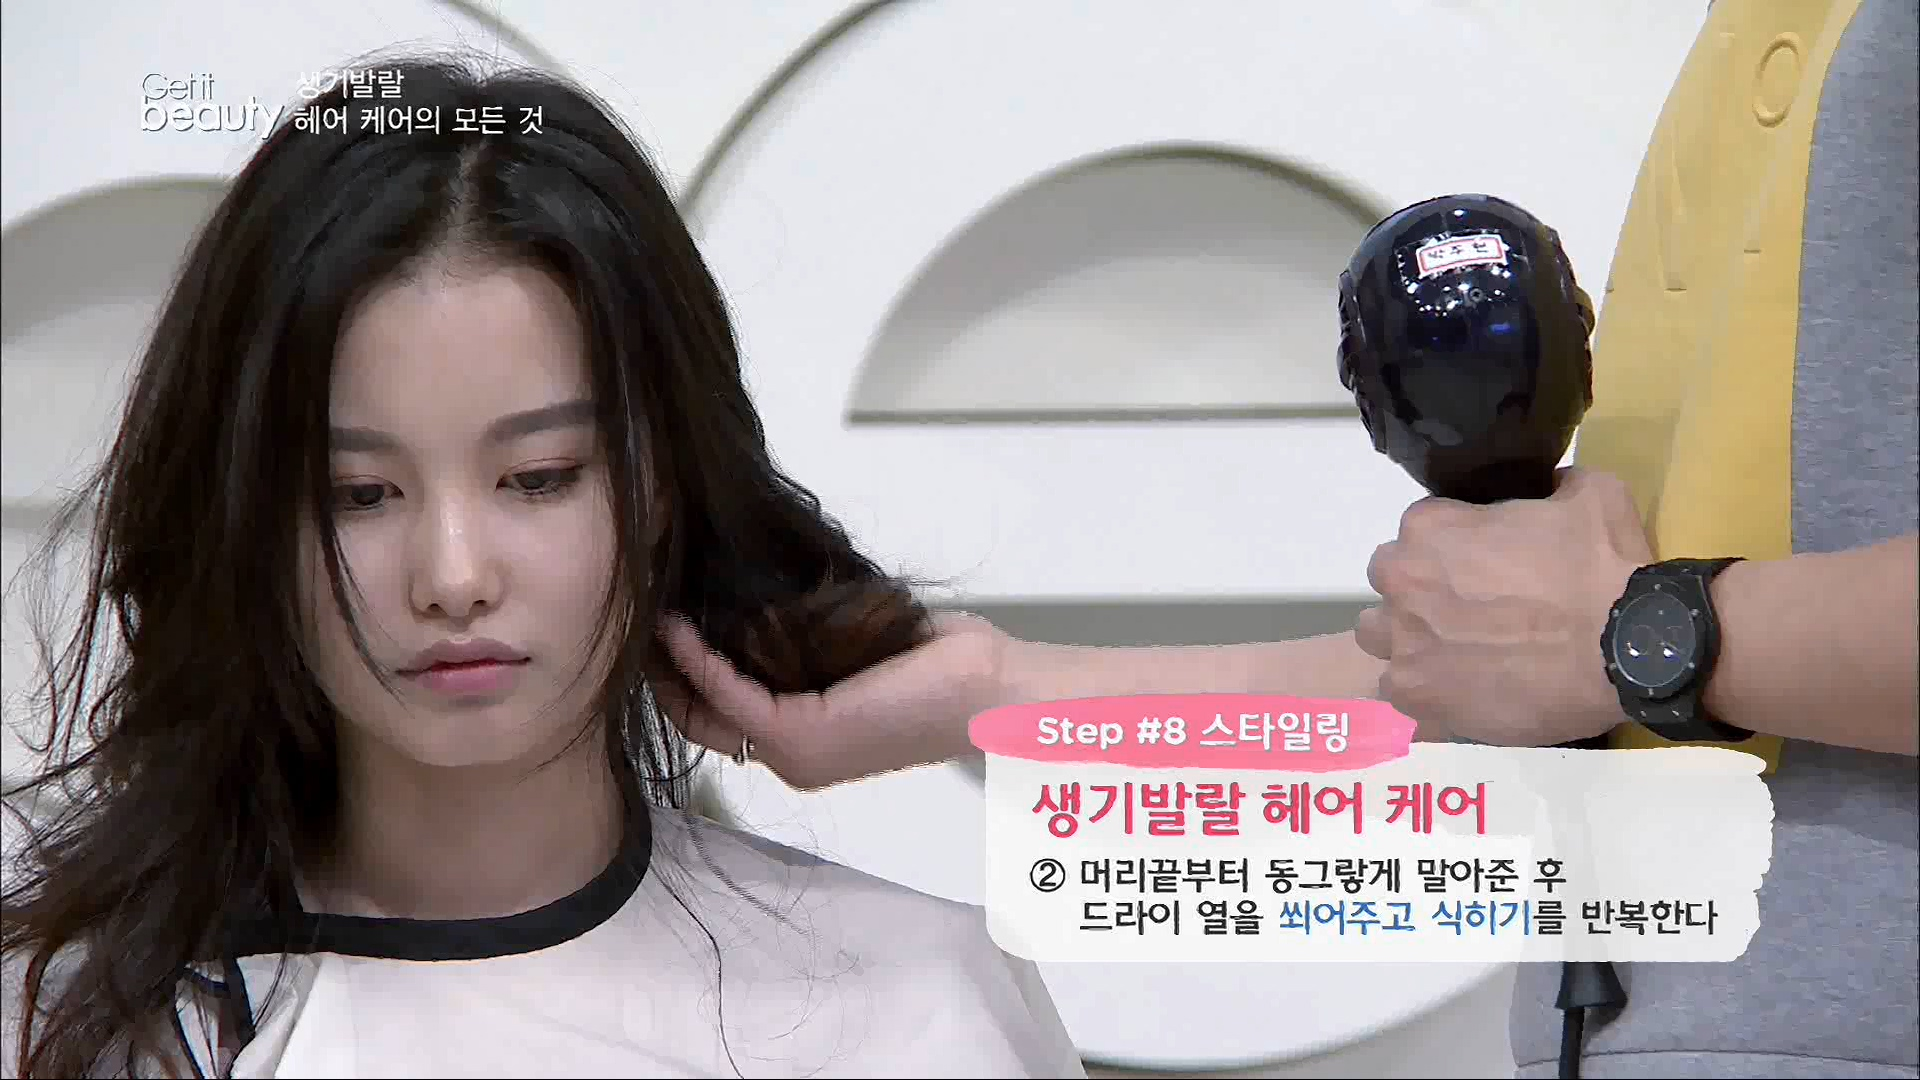 Step#8.스타일링 머리끝부터 동그랗게 말아준 후 드라이 열을 쐬어주고 식히기를 반복한다.